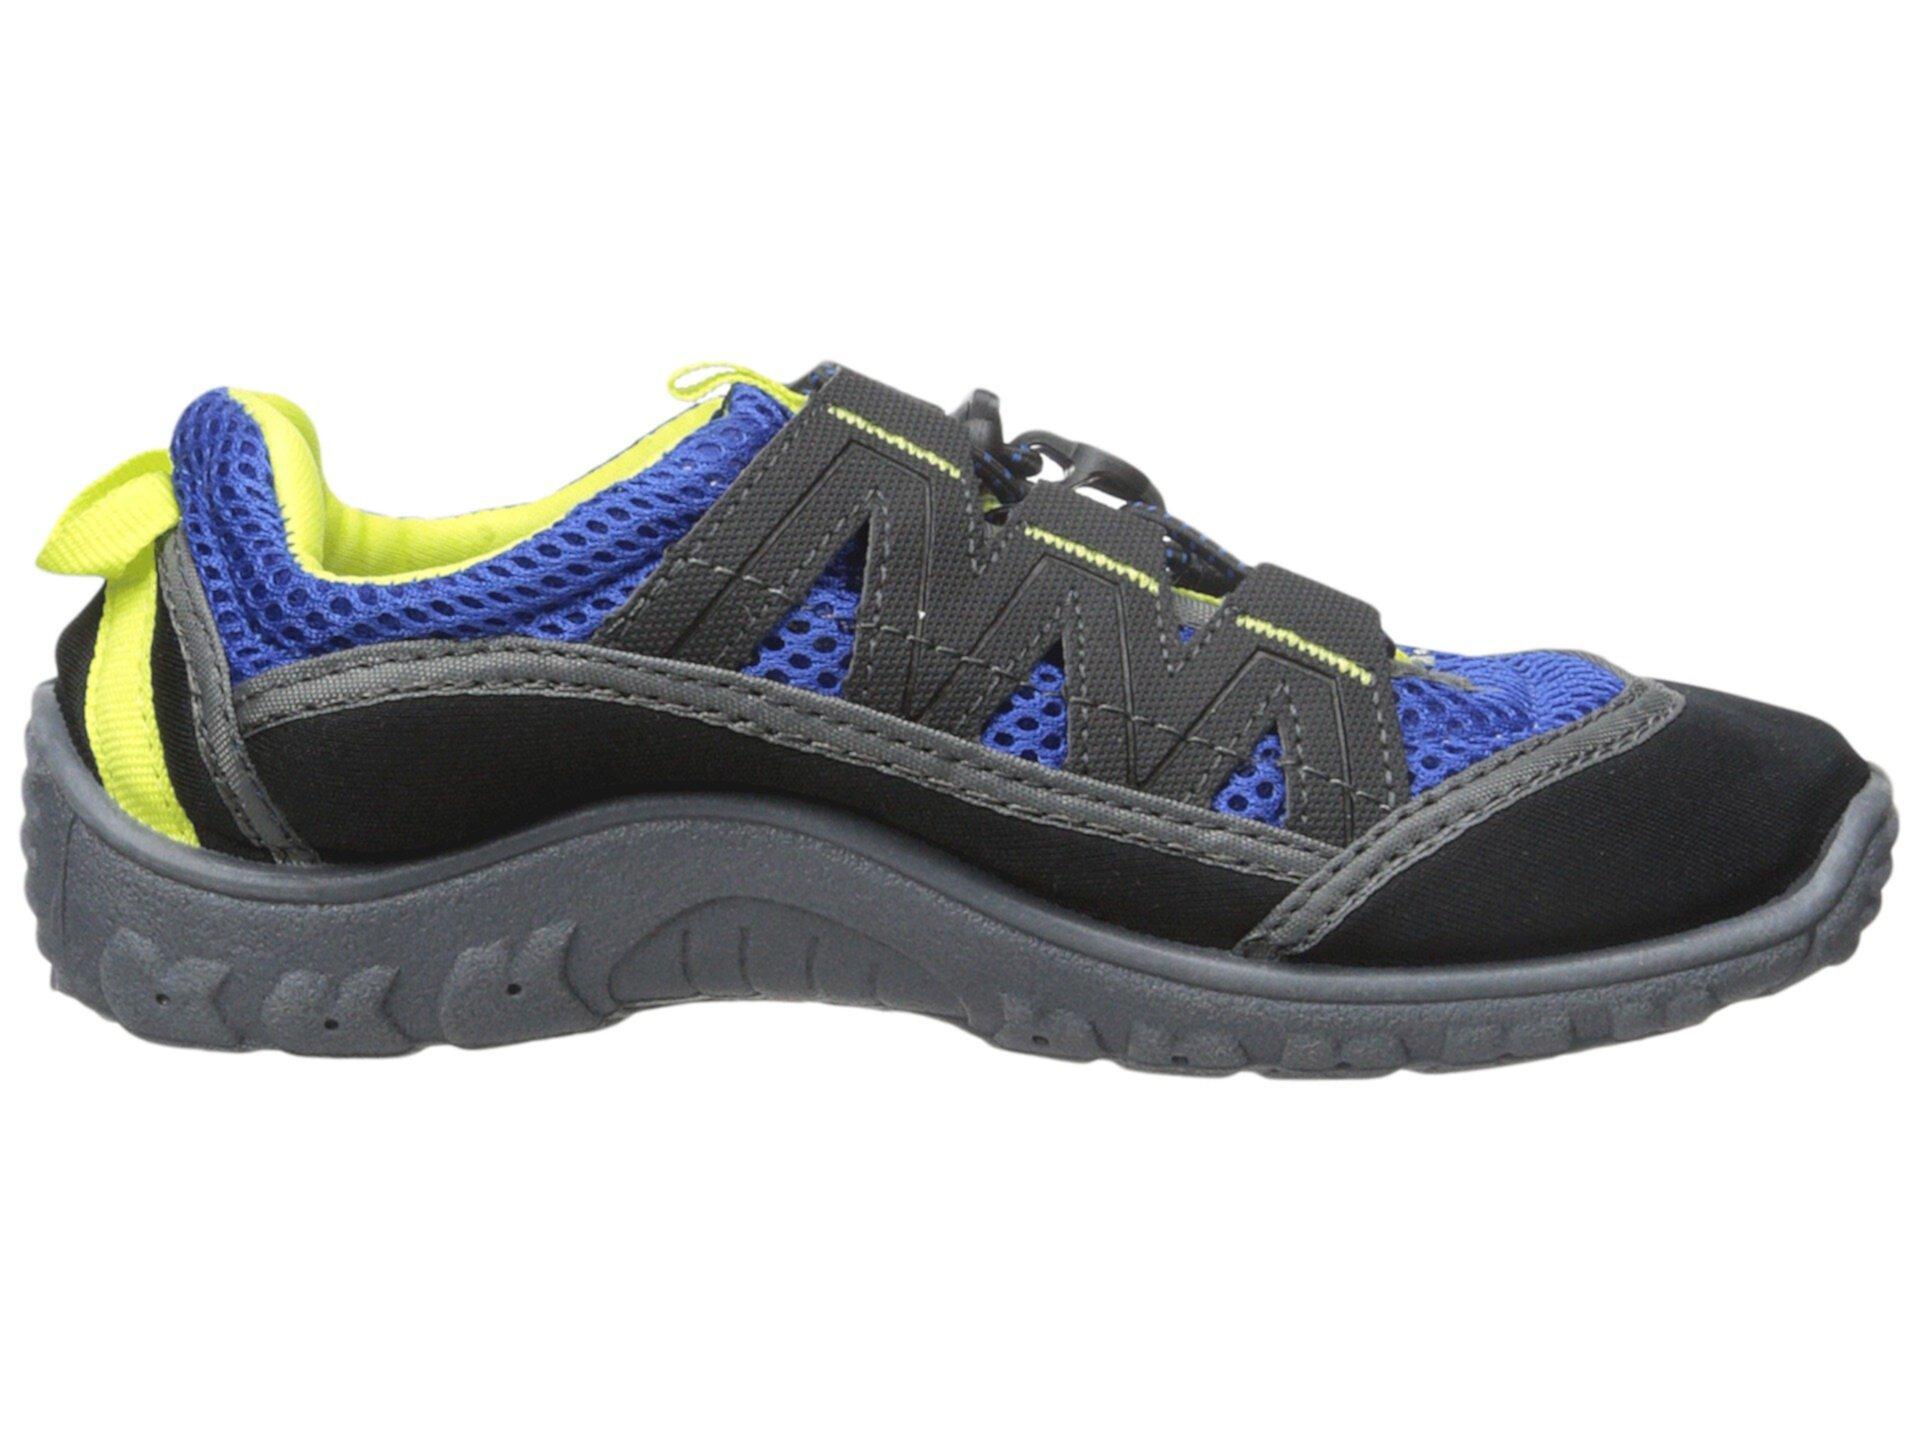 Brill II Water Shoe (Маленький ребенок / Большой ребенок) Northside Kids